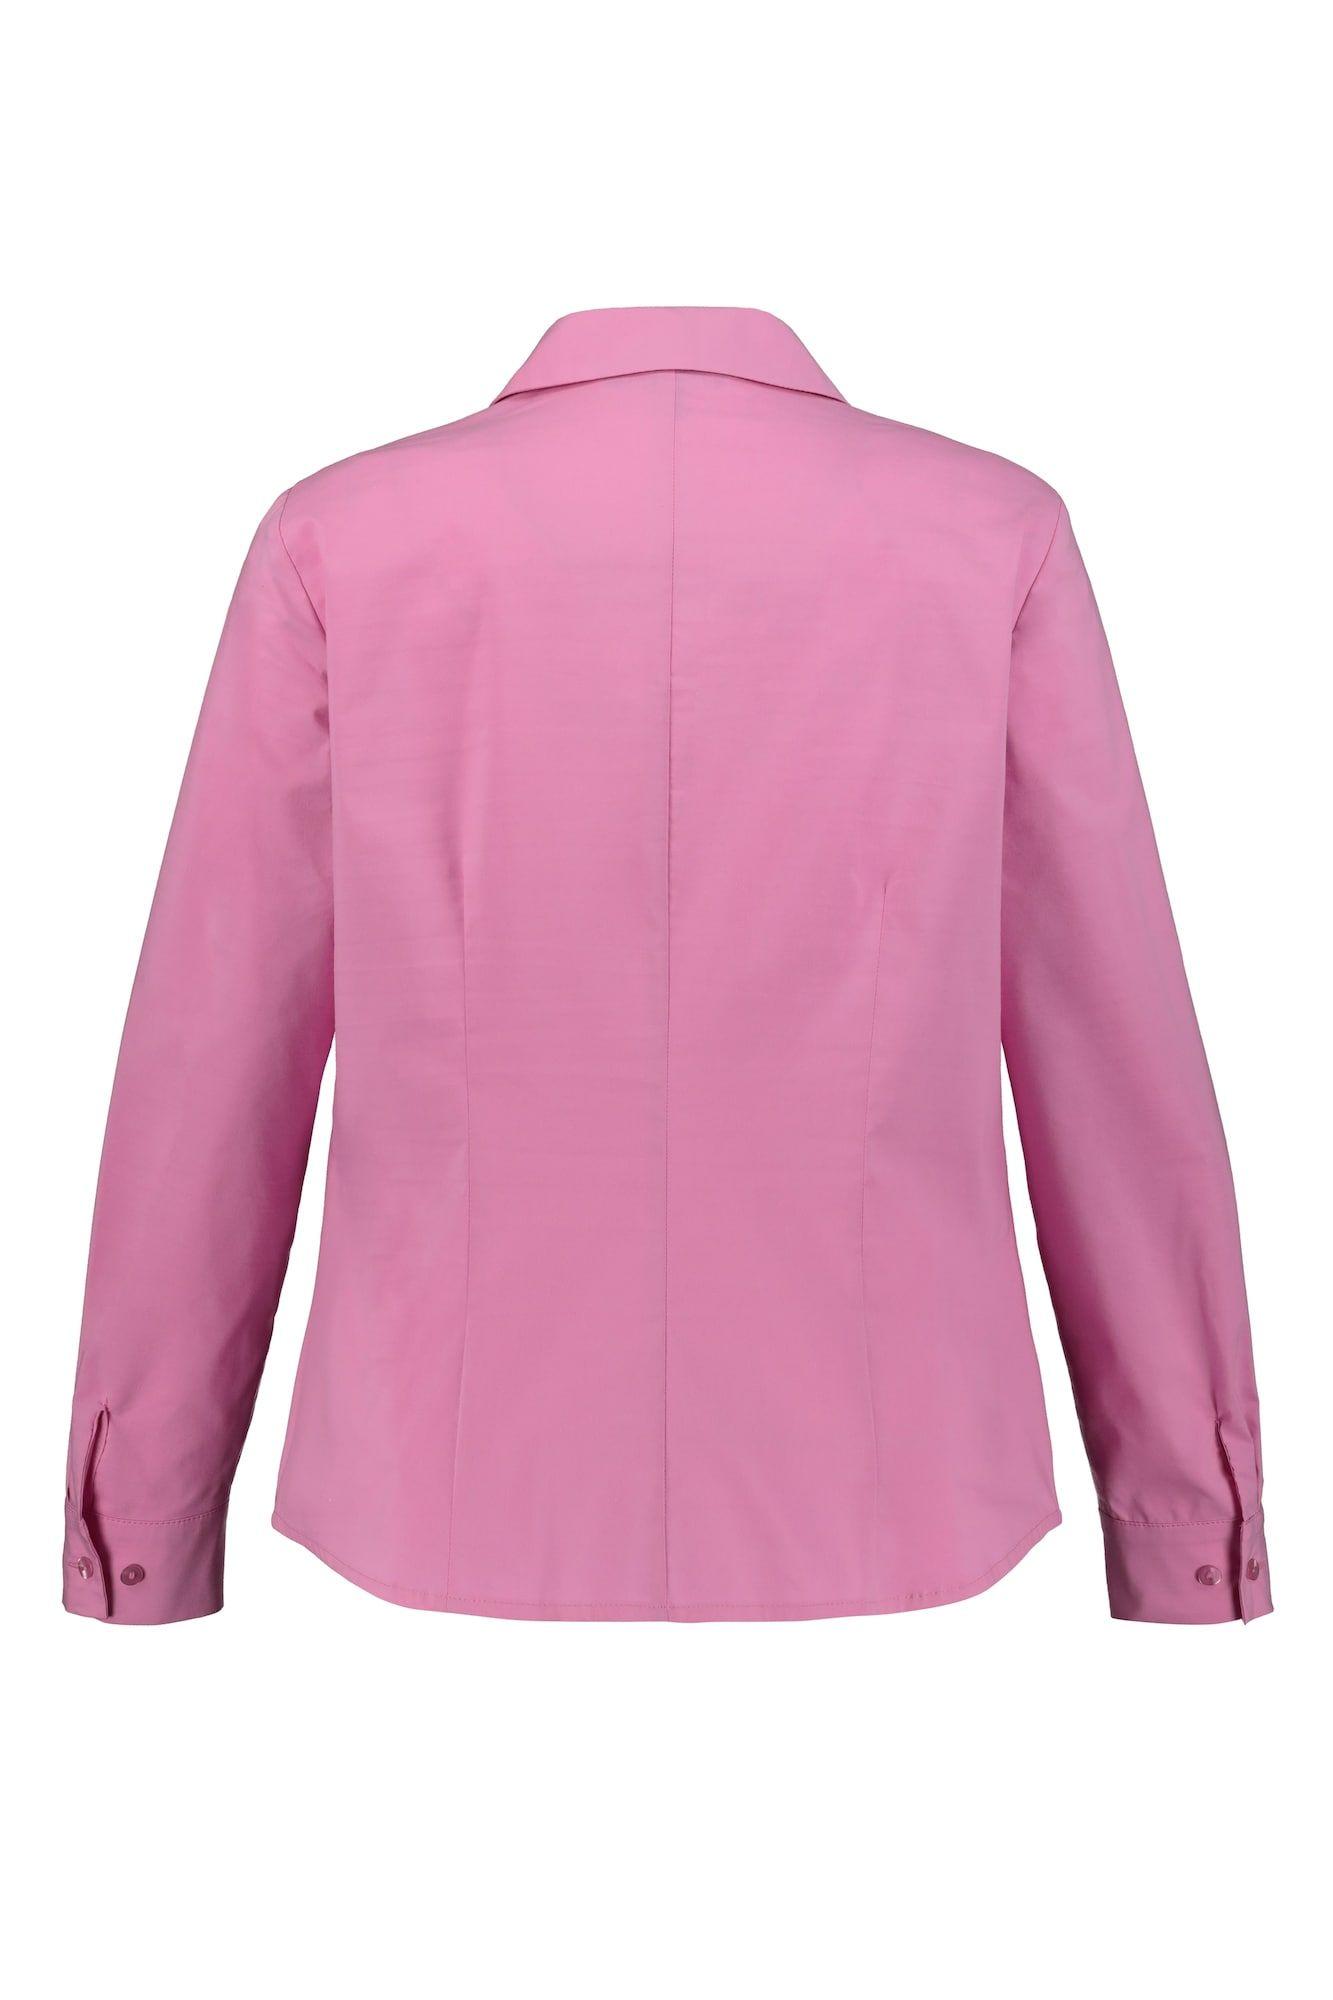 Ulla Popken Bluse Damen Große Größen Pink Größe M